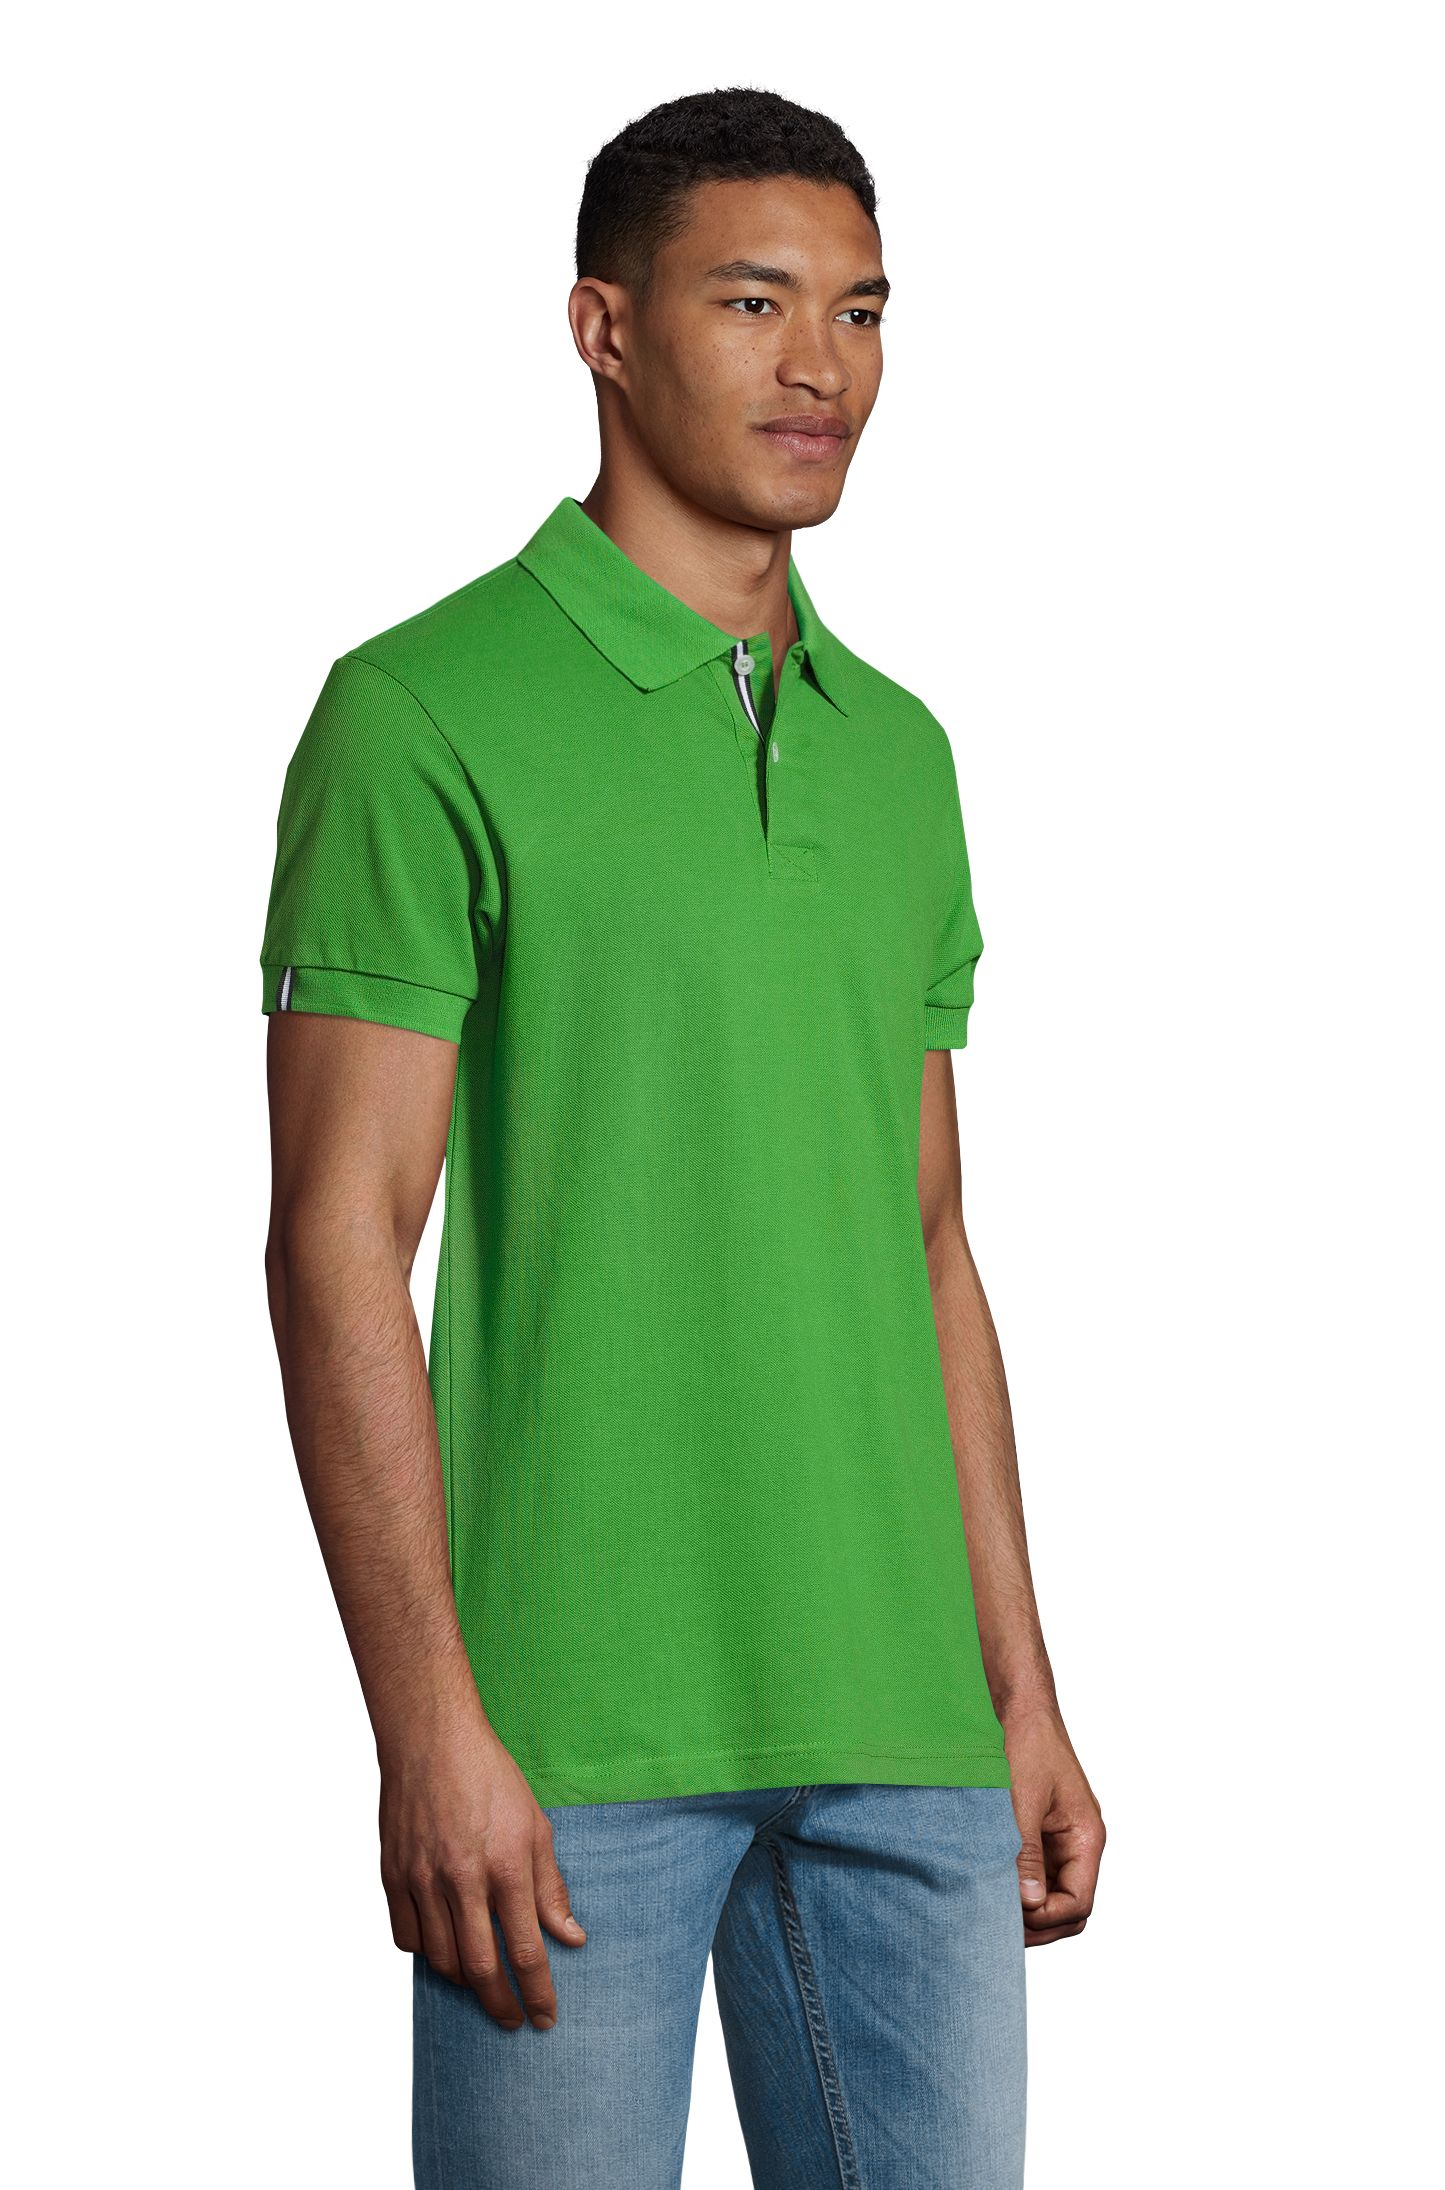 284 - Vert bourgeon